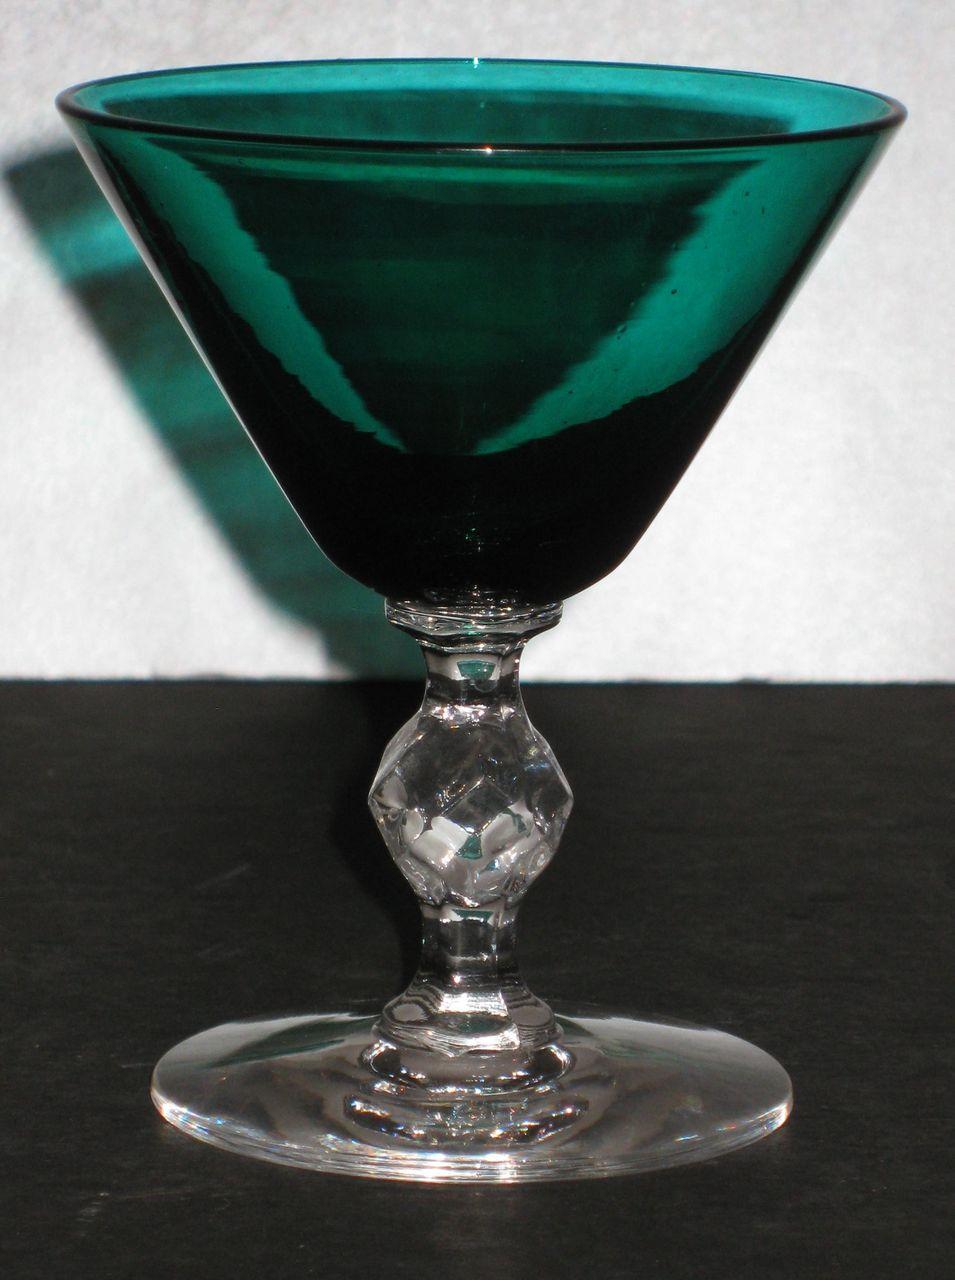 Morgantown Roanoke Wine Glass in Stiegel Green